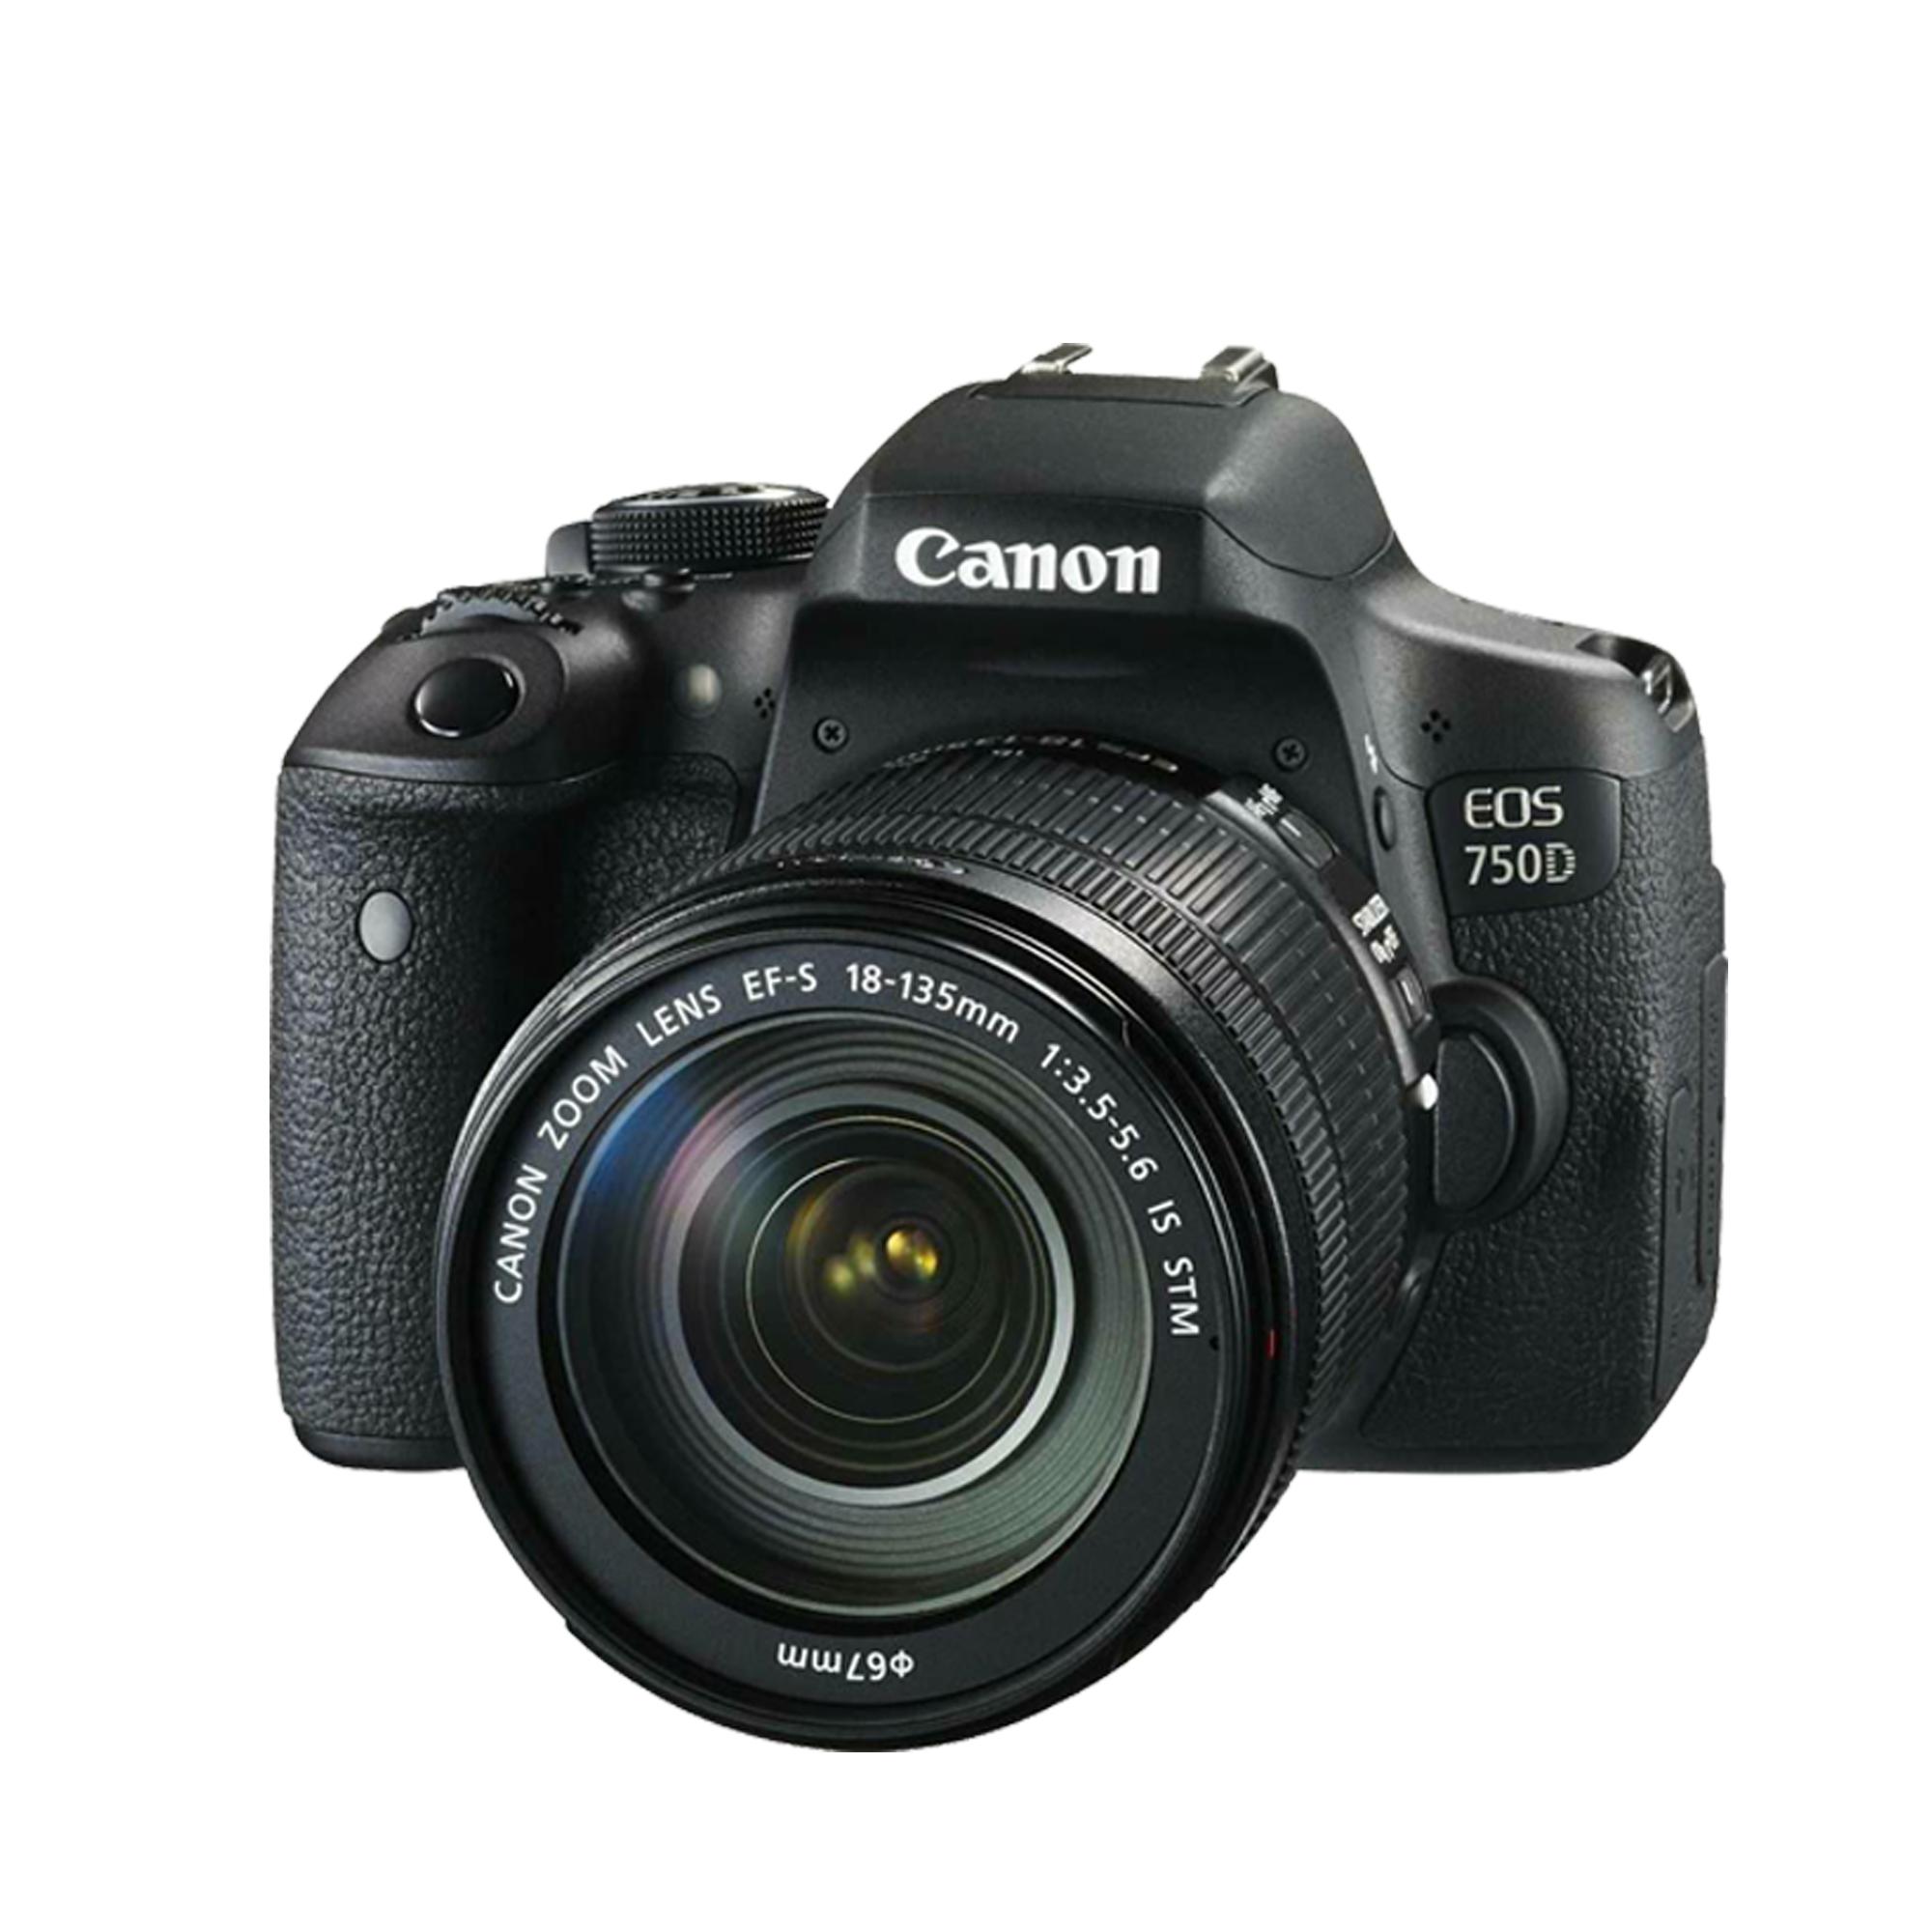 CANON EOS 750D Camera + Canon EF 18-135mm Lens